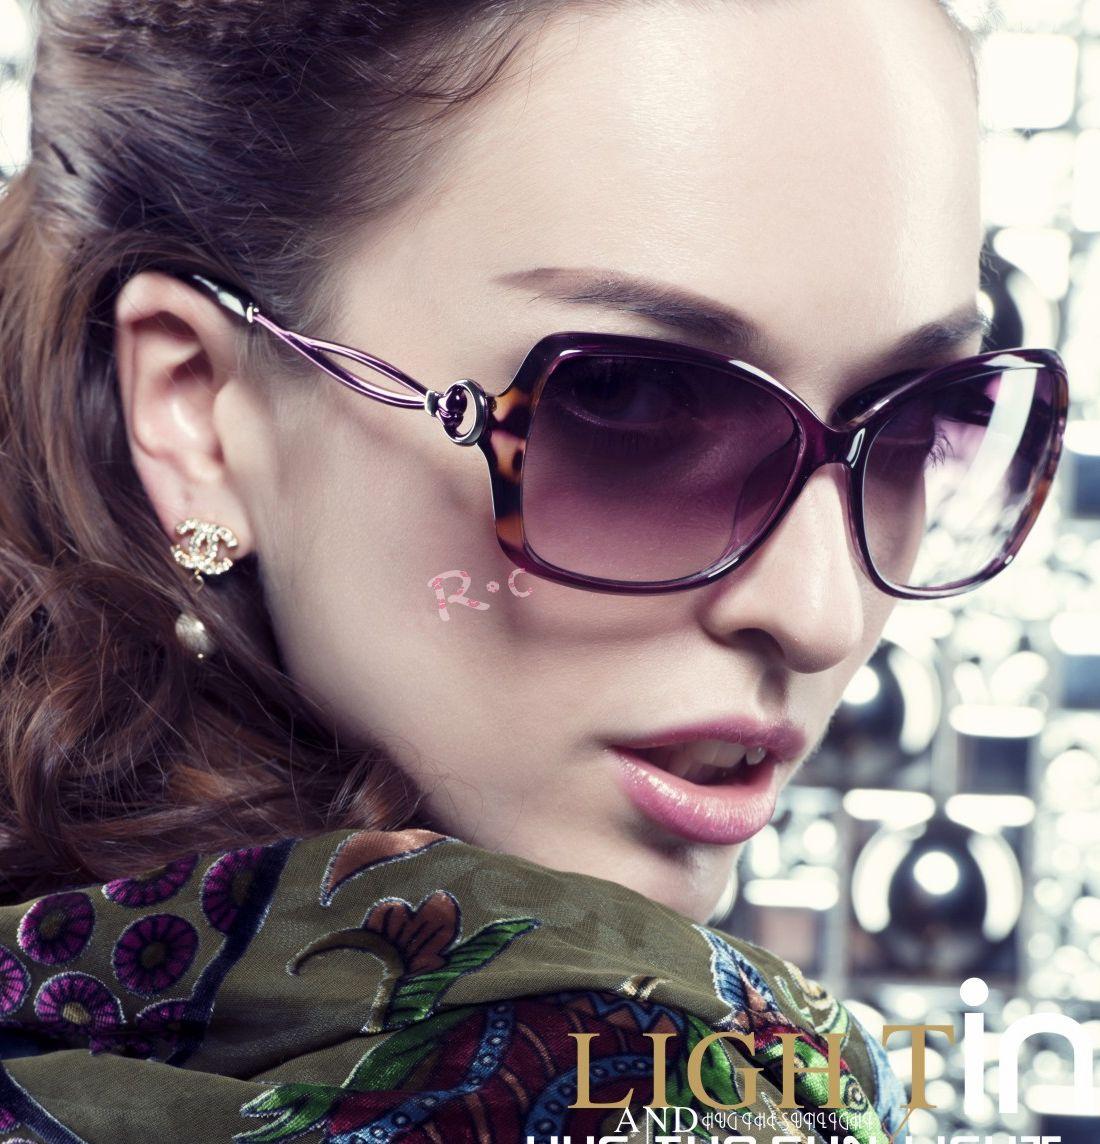 【清仓】正品 2014凯莎太阳镜大版女士高清偏光镜金属墨镜 K3911